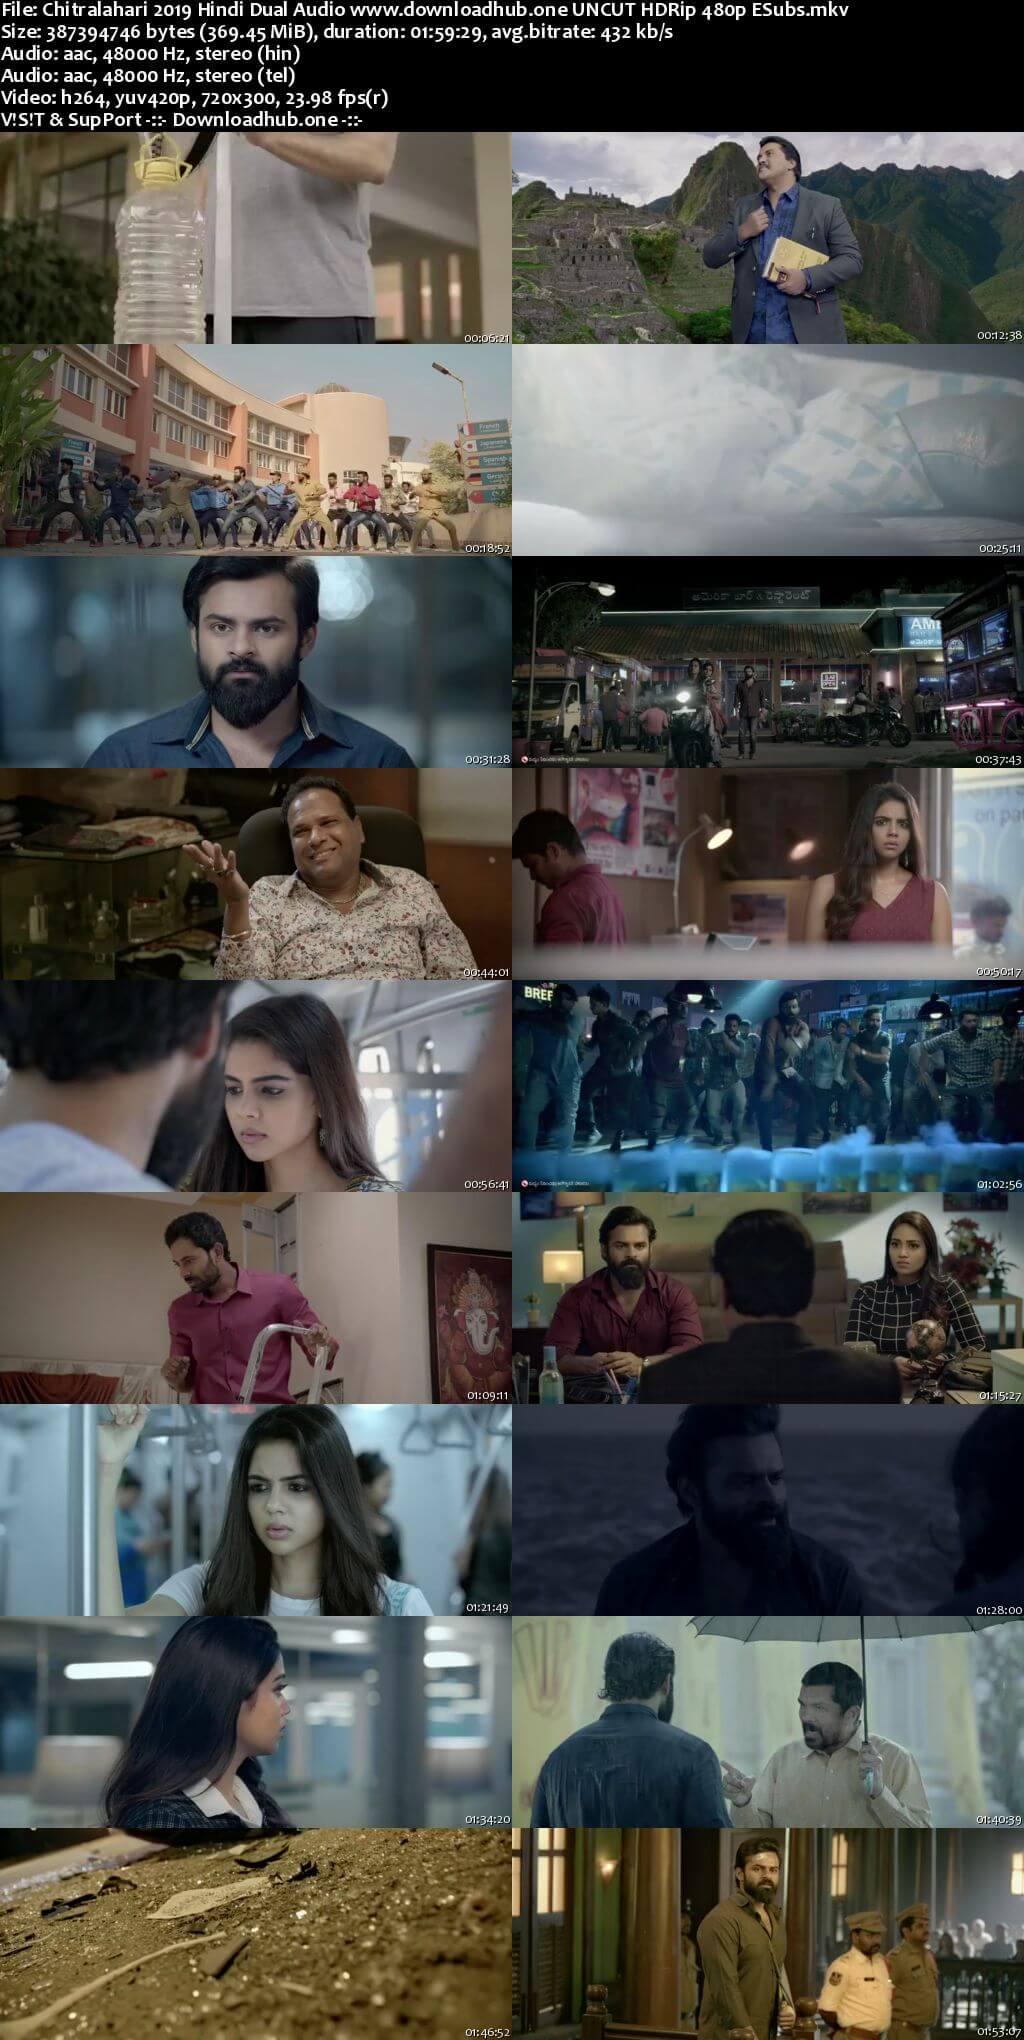 Chitralahari 2019 Hindi Dual Audio 350MB UNCUT HDRip 480p ESubs